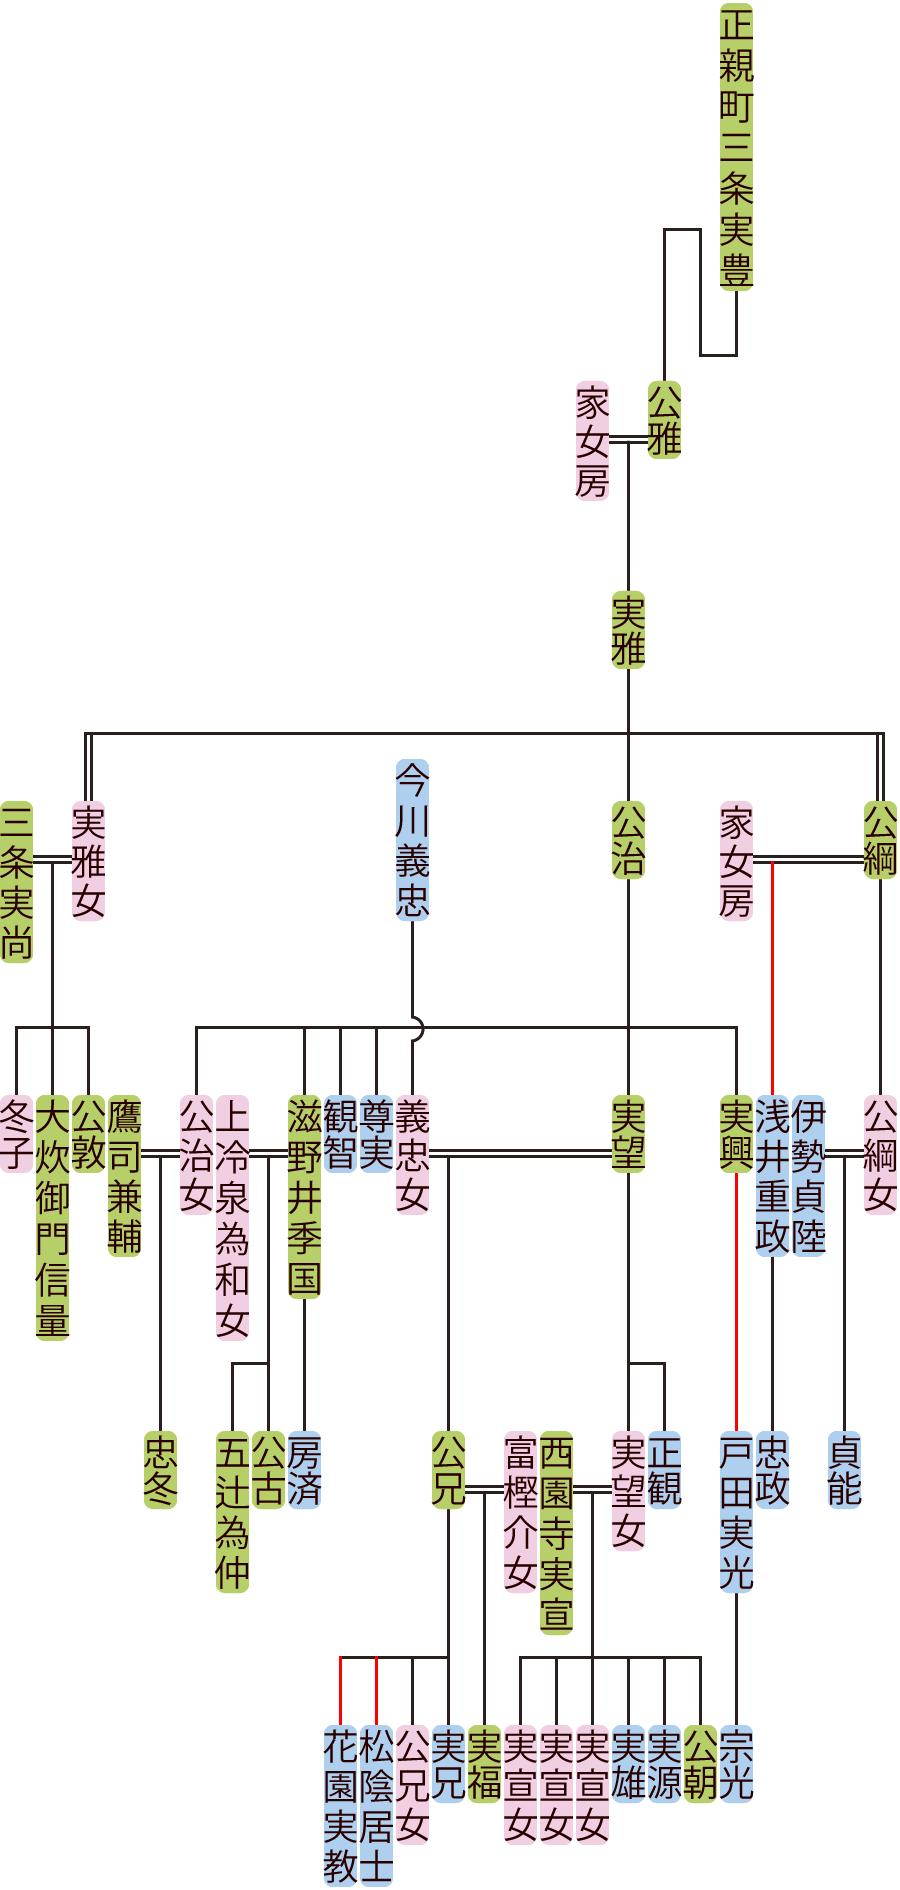 正親町三条実雅~実望の系図